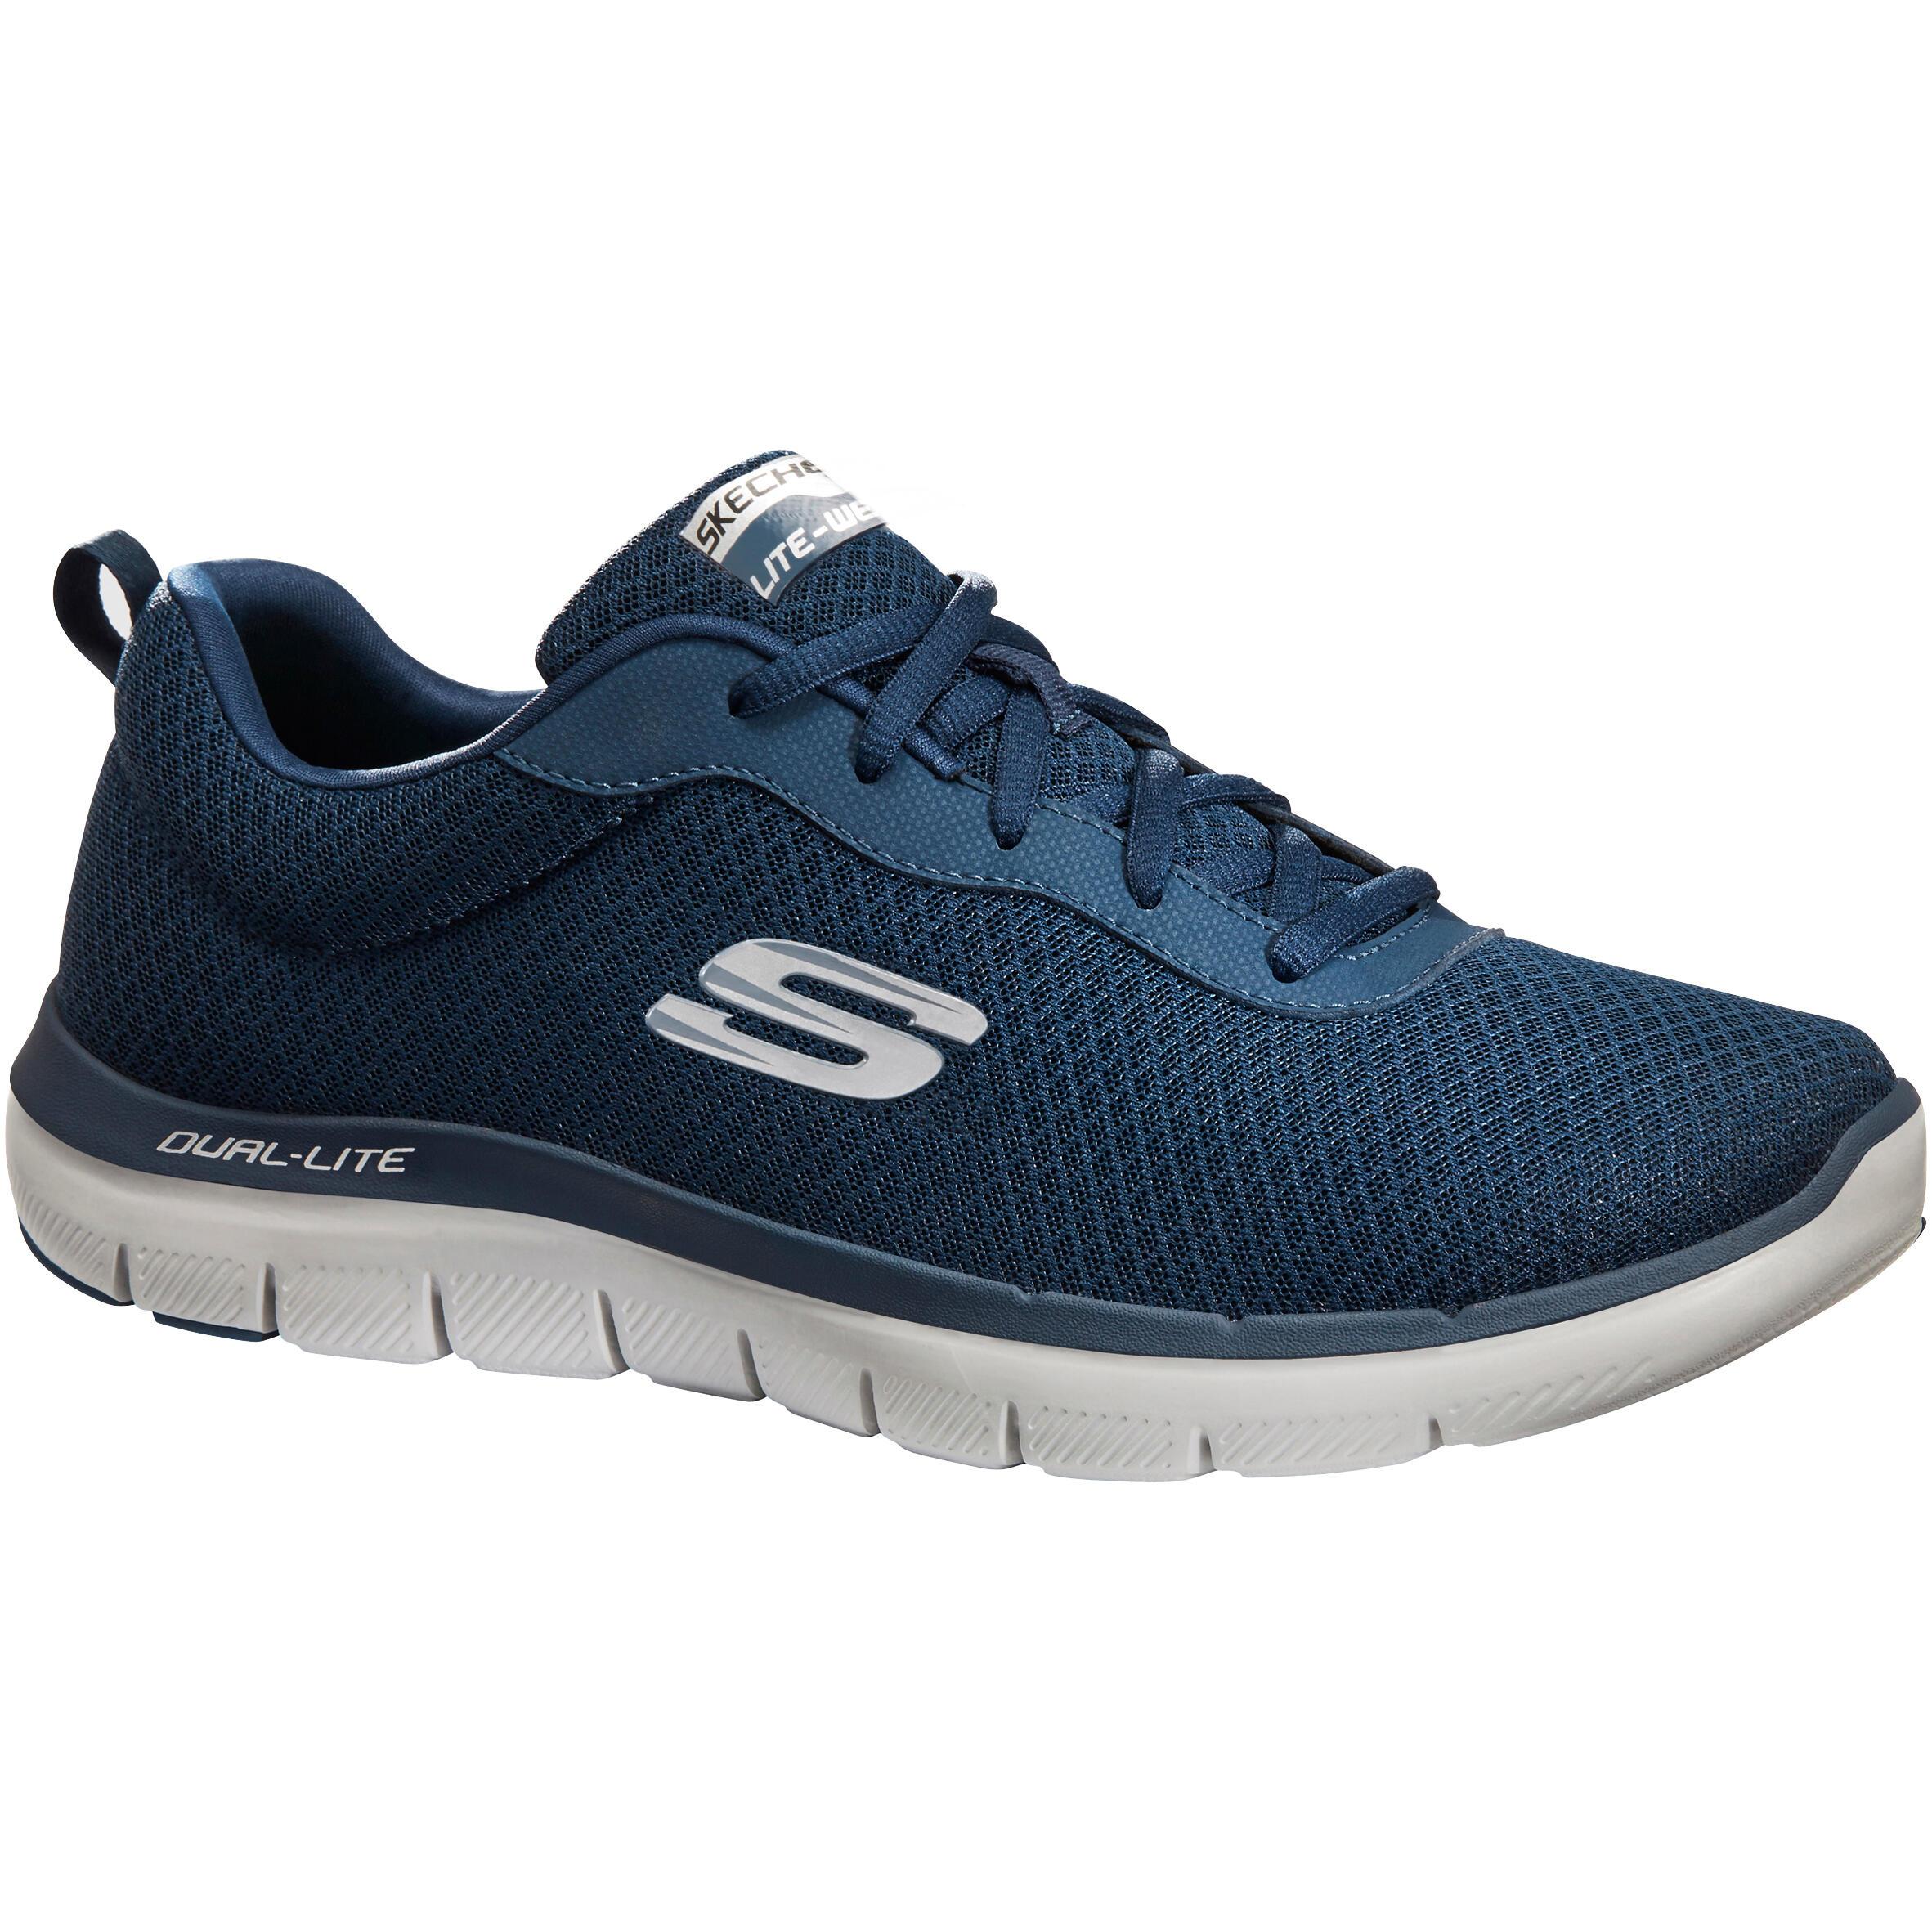 4198293da Comprar Zapatillas Urbanas de Hombre Online | Decathlon